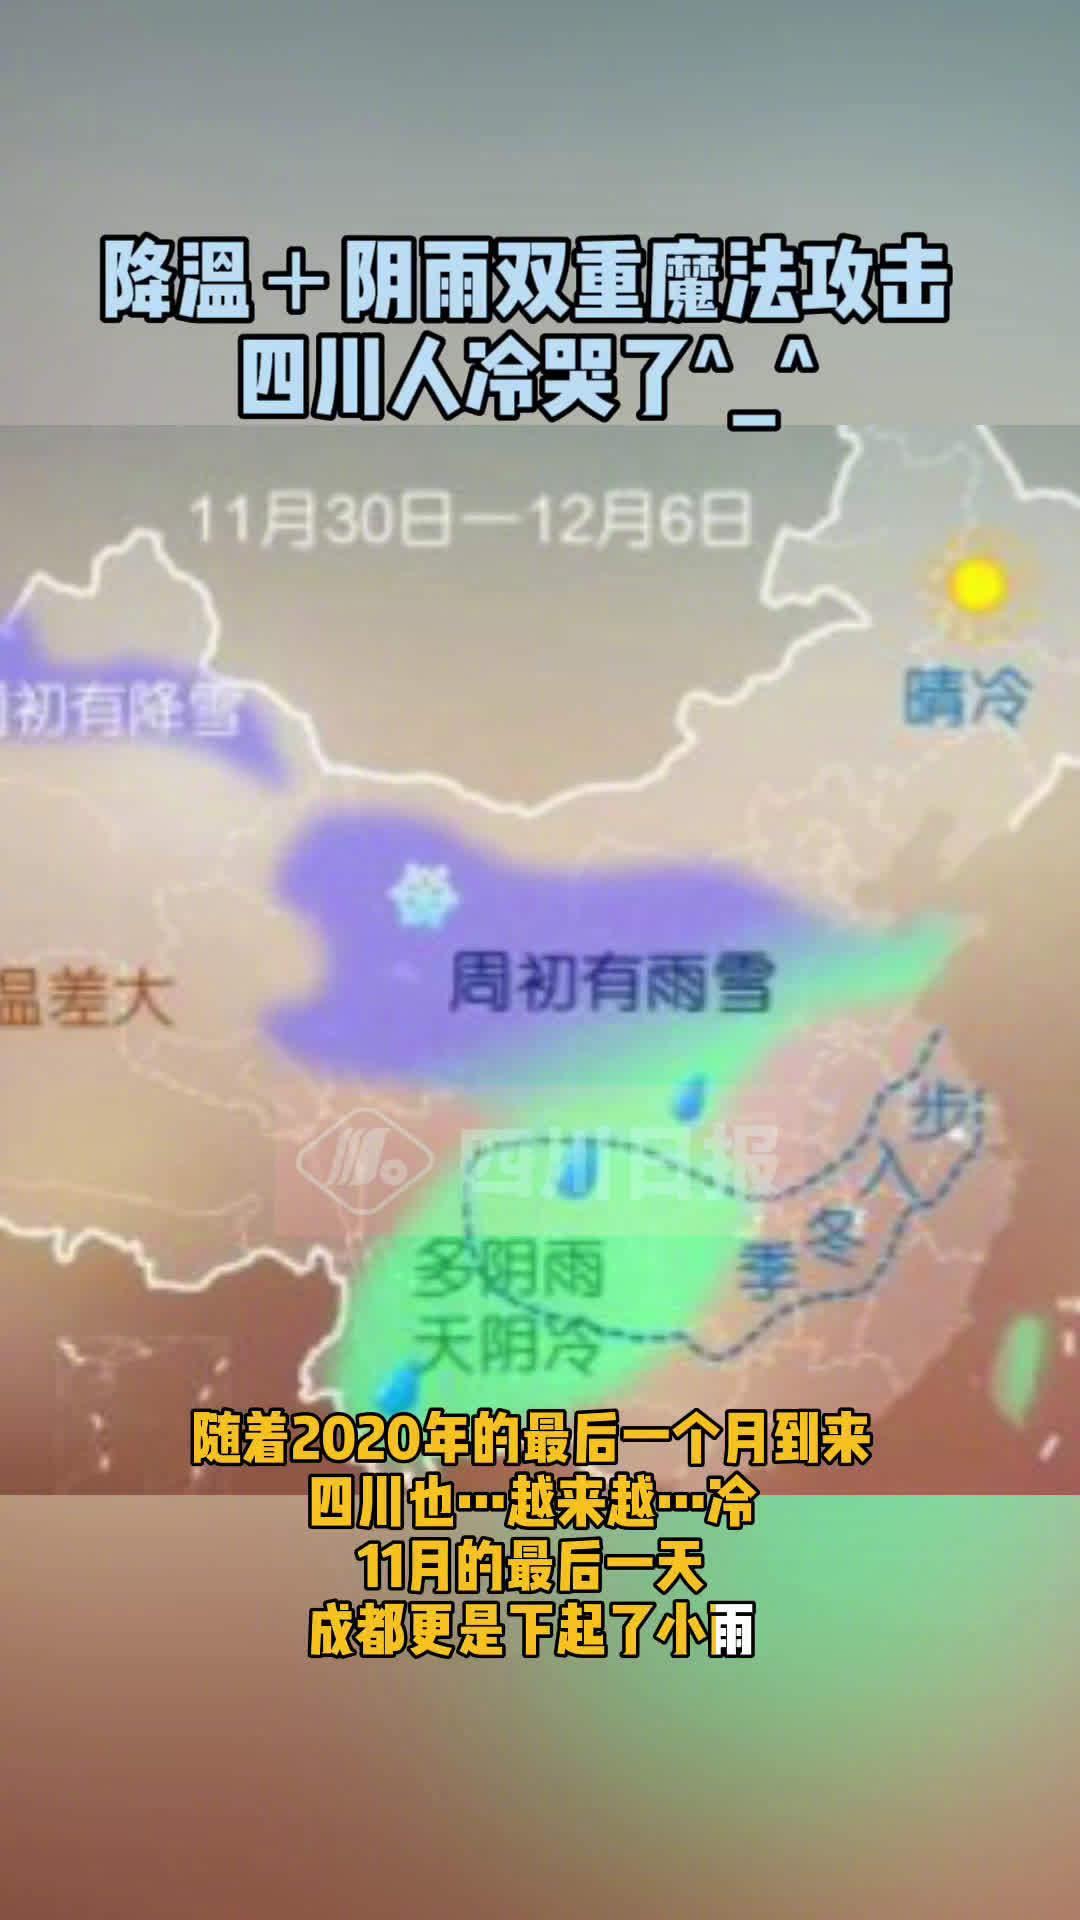 降温+阴雨双重魔法攻击!下半年来最冷一天本周到货